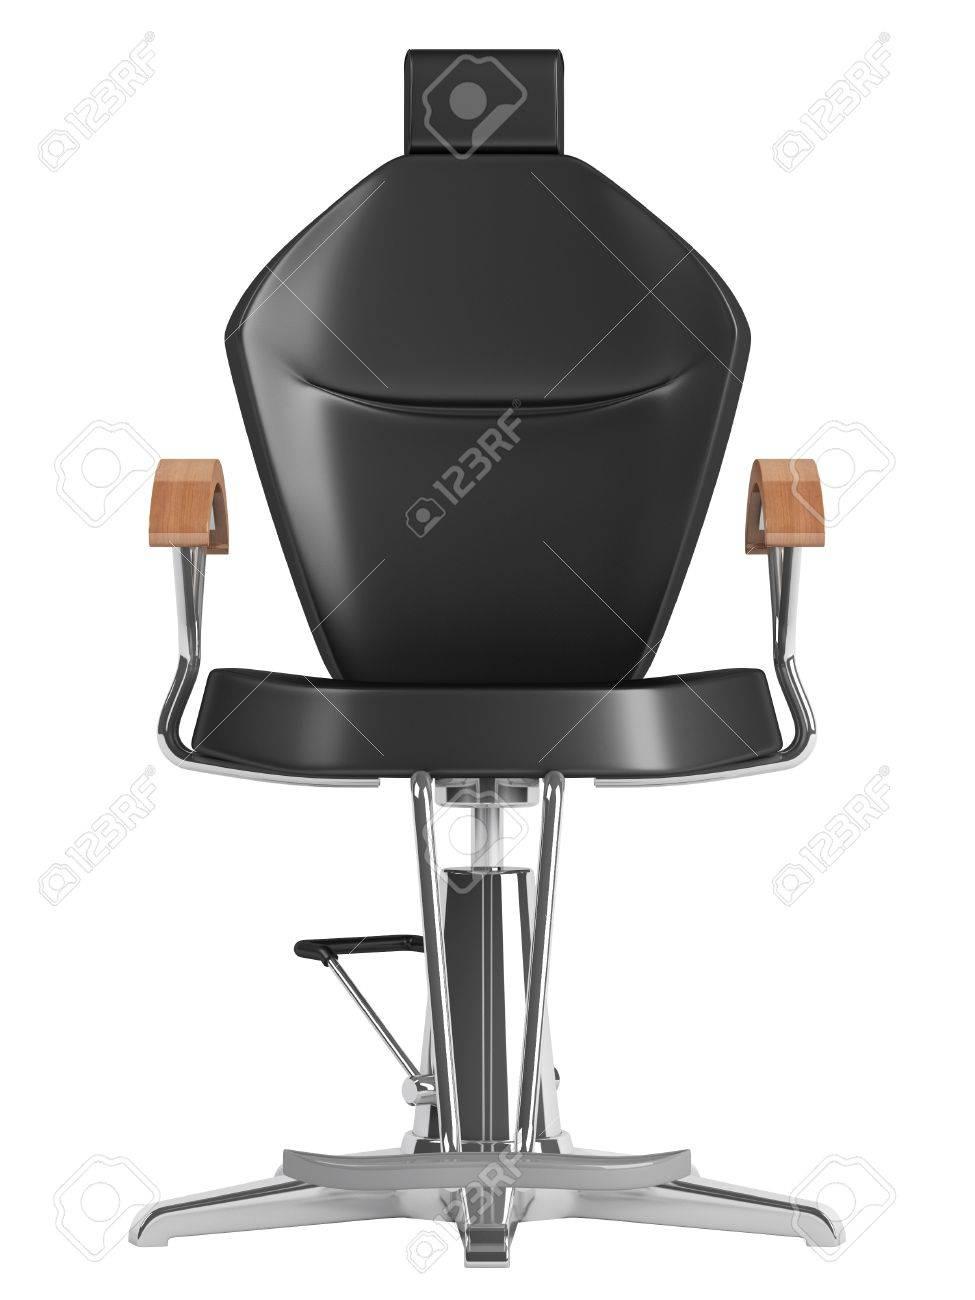 Noir Chaise Salon De Coiffure Isol Sur Fond Blanc Banque DImages